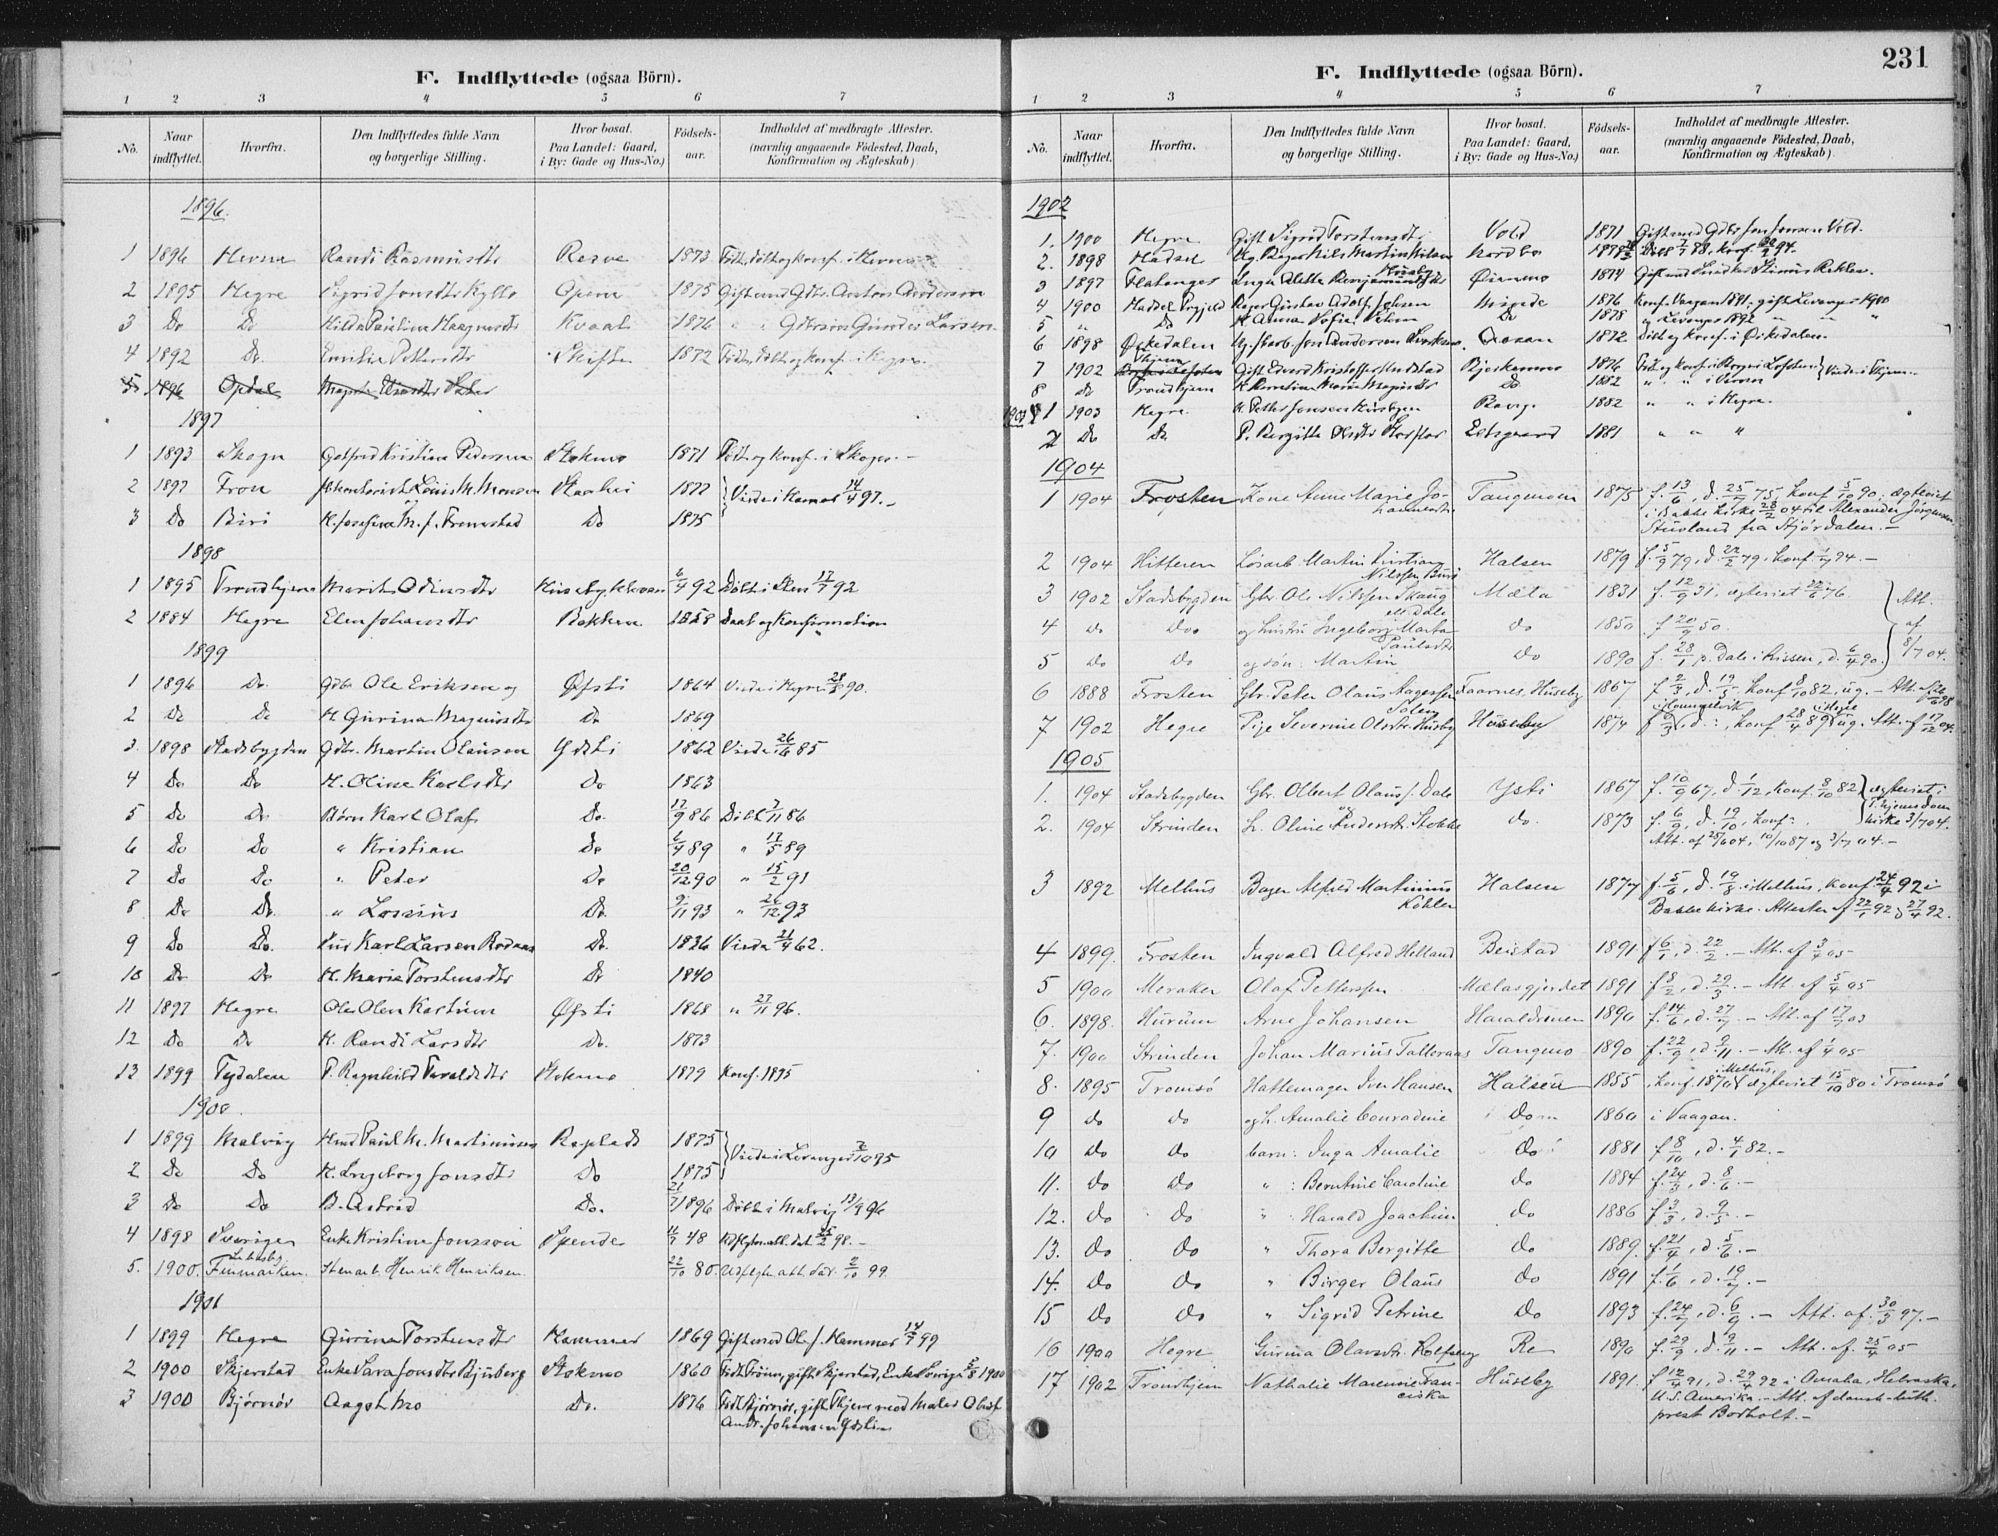 SAT, Ministerialprotokoller, klokkerbøker og fødselsregistre - Nord-Trøndelag, 709/L0082: Ministerialbok nr. 709A22, 1896-1916, s. 231